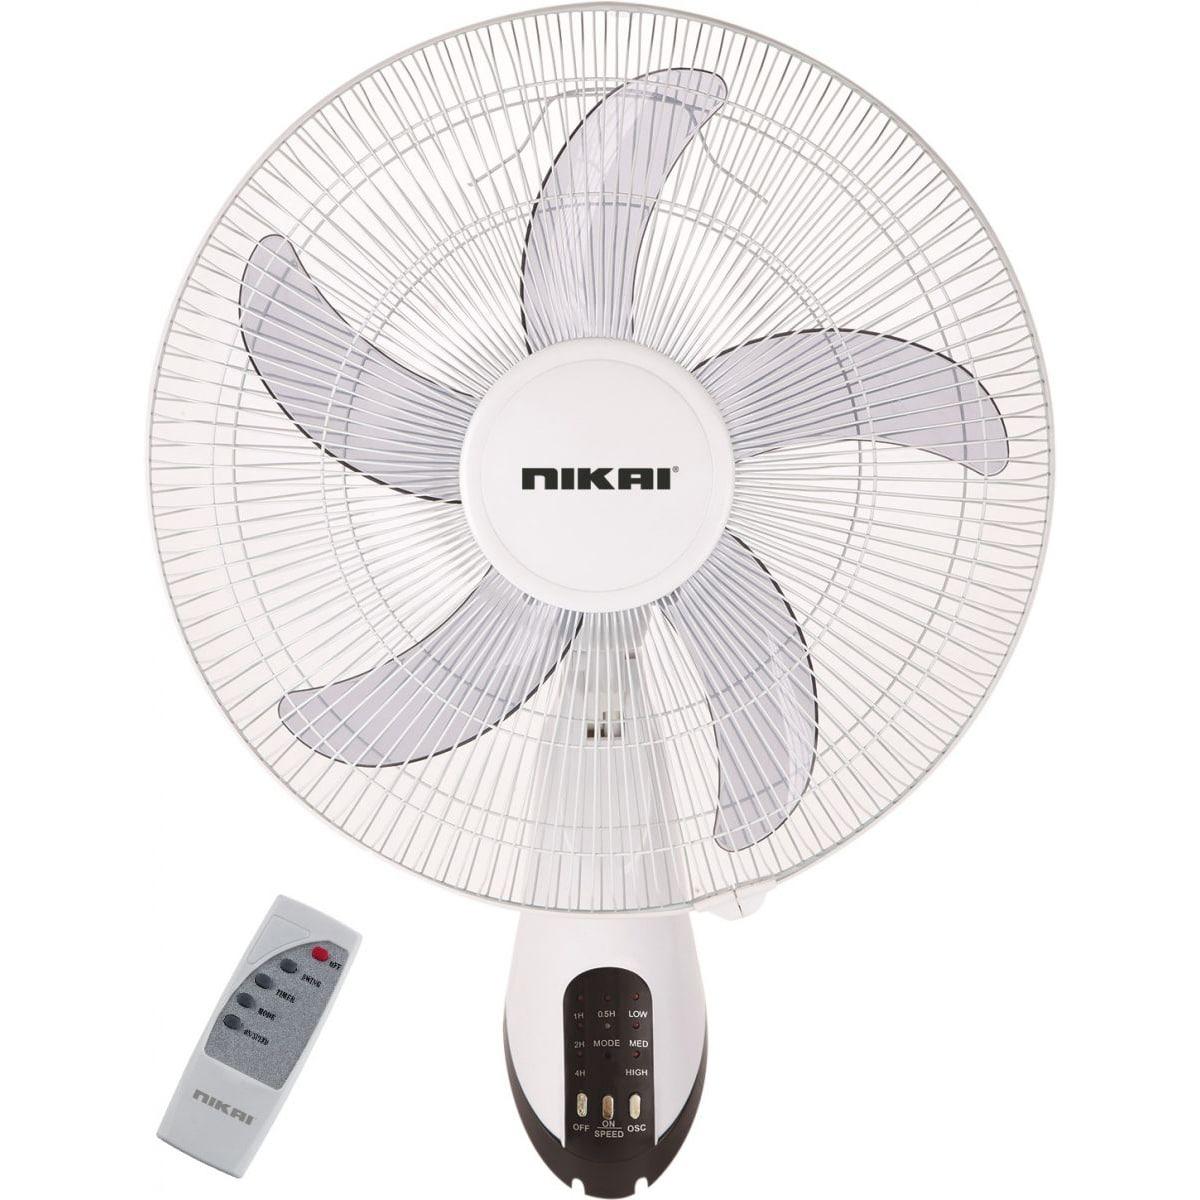 Nikai Wall Fan with Remote (NWF1636R)